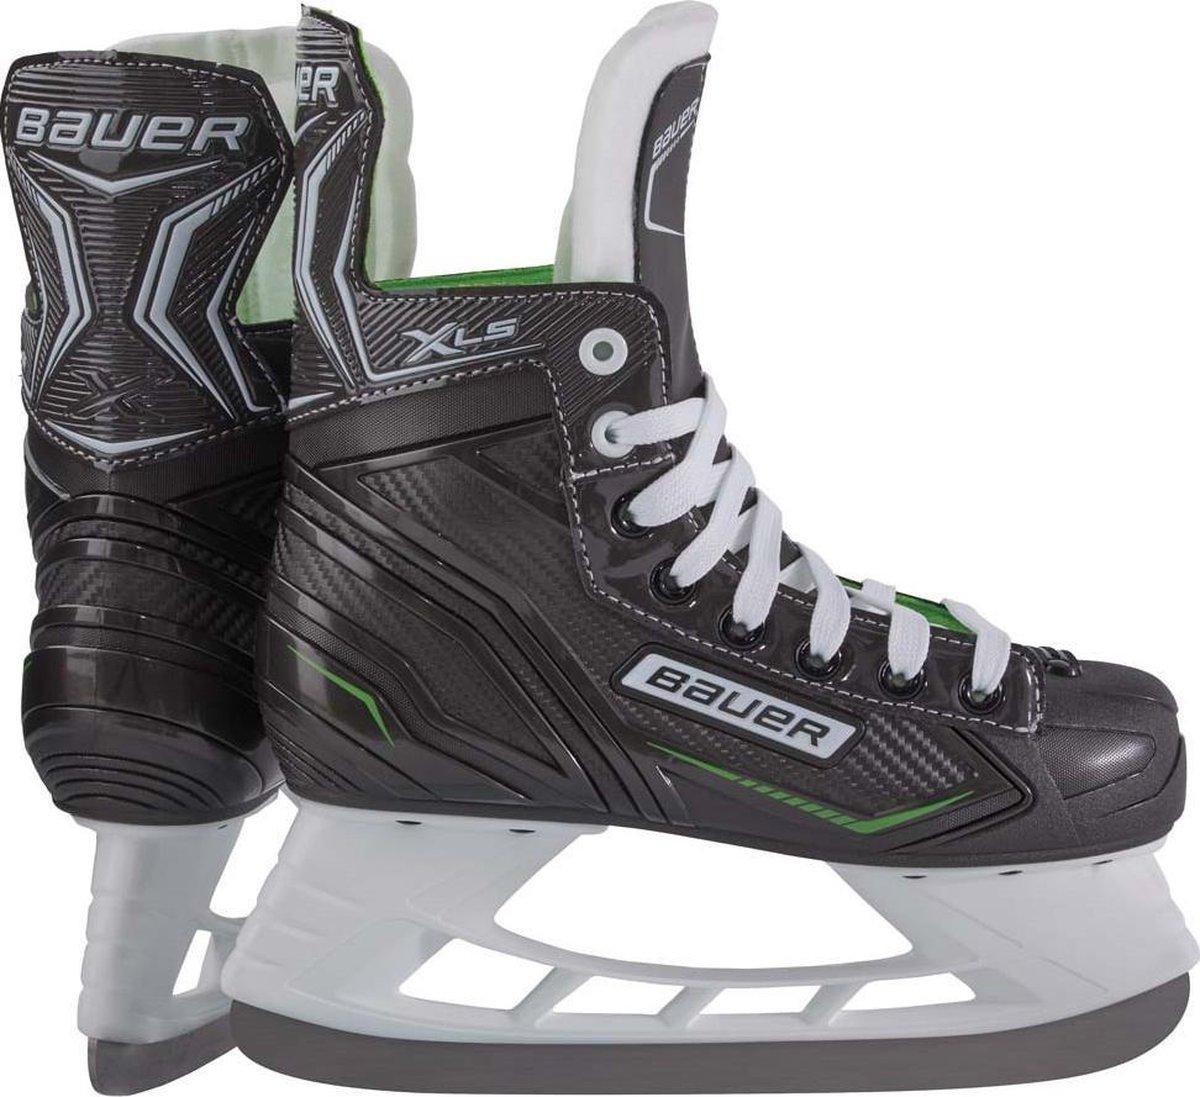 Bauer Ijshockeyschaatsen X-ls Junior Microfiber Zwart/groen Mt 33,5